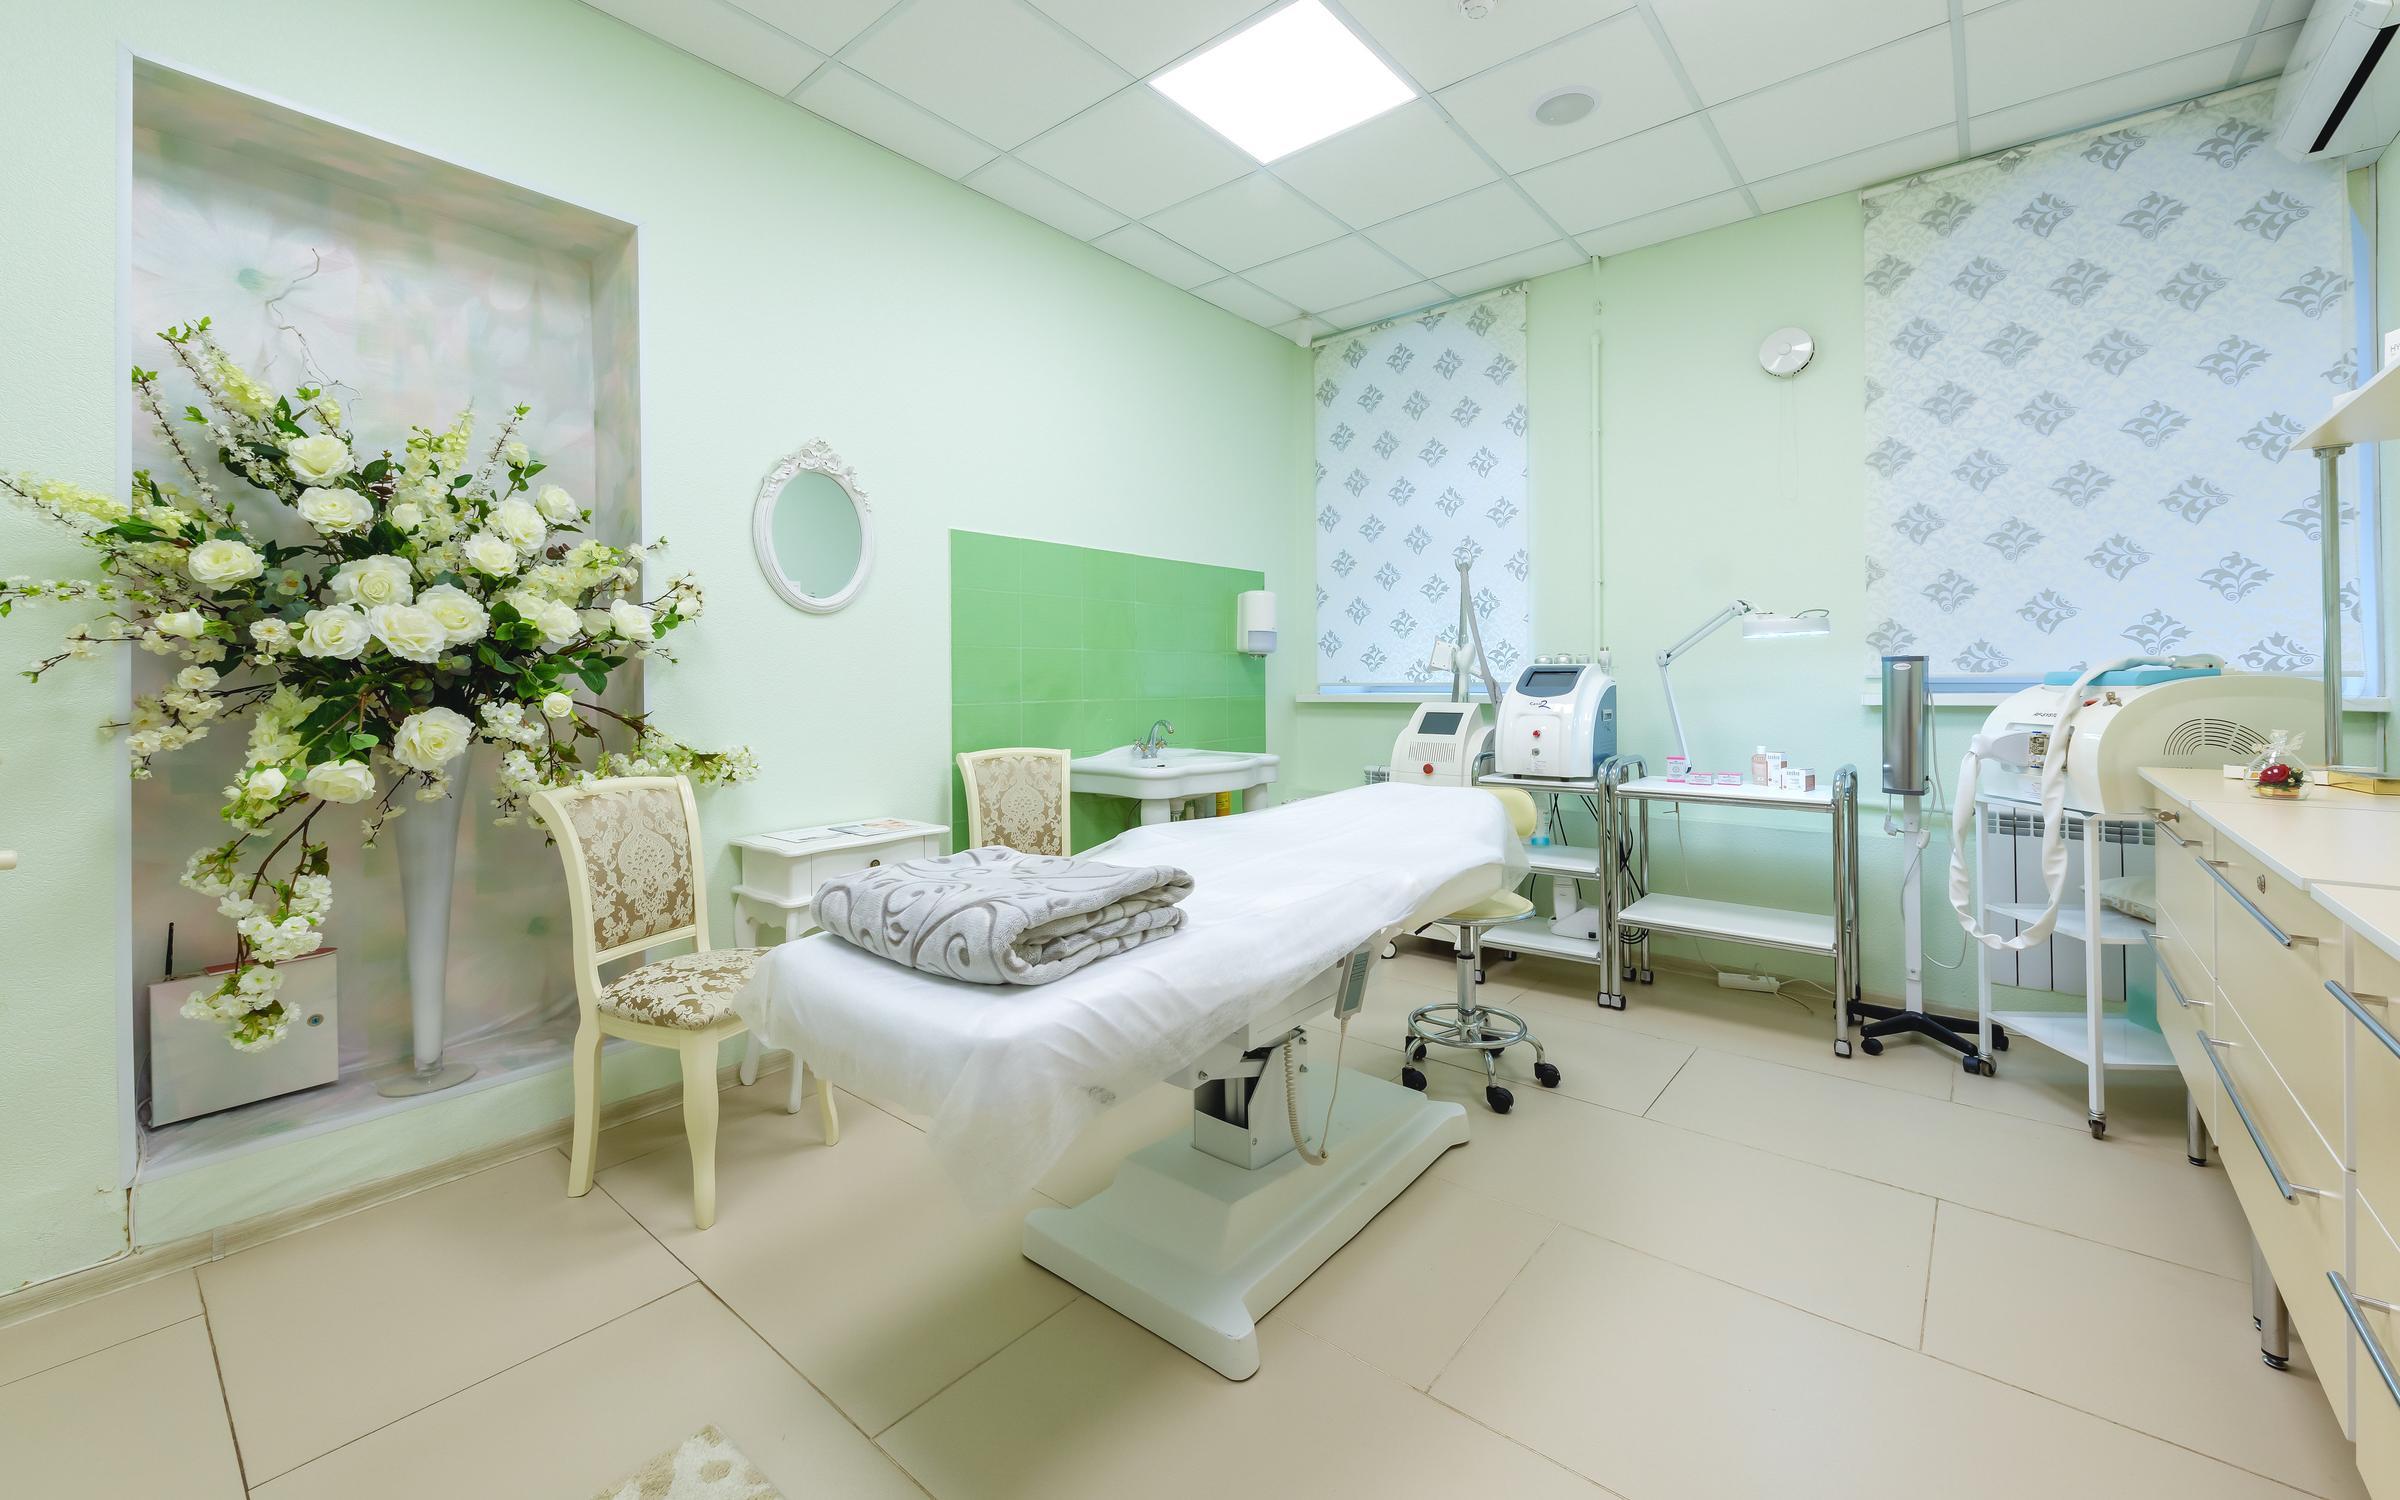 фотография Медицинского центра Bonne Clinique на проспекте Чернышевского